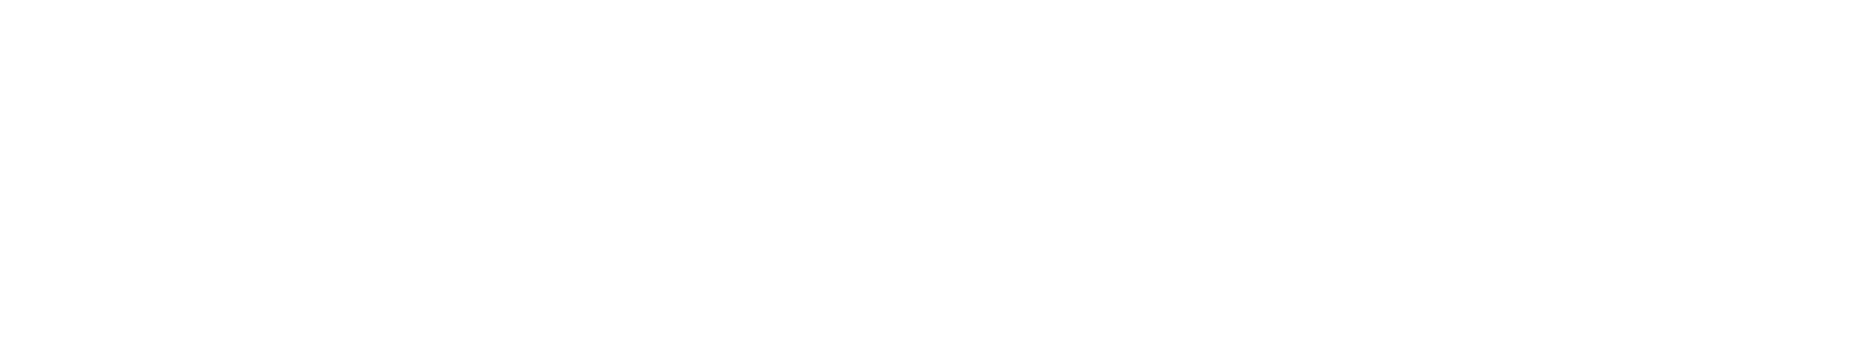 Piemonte Macchine